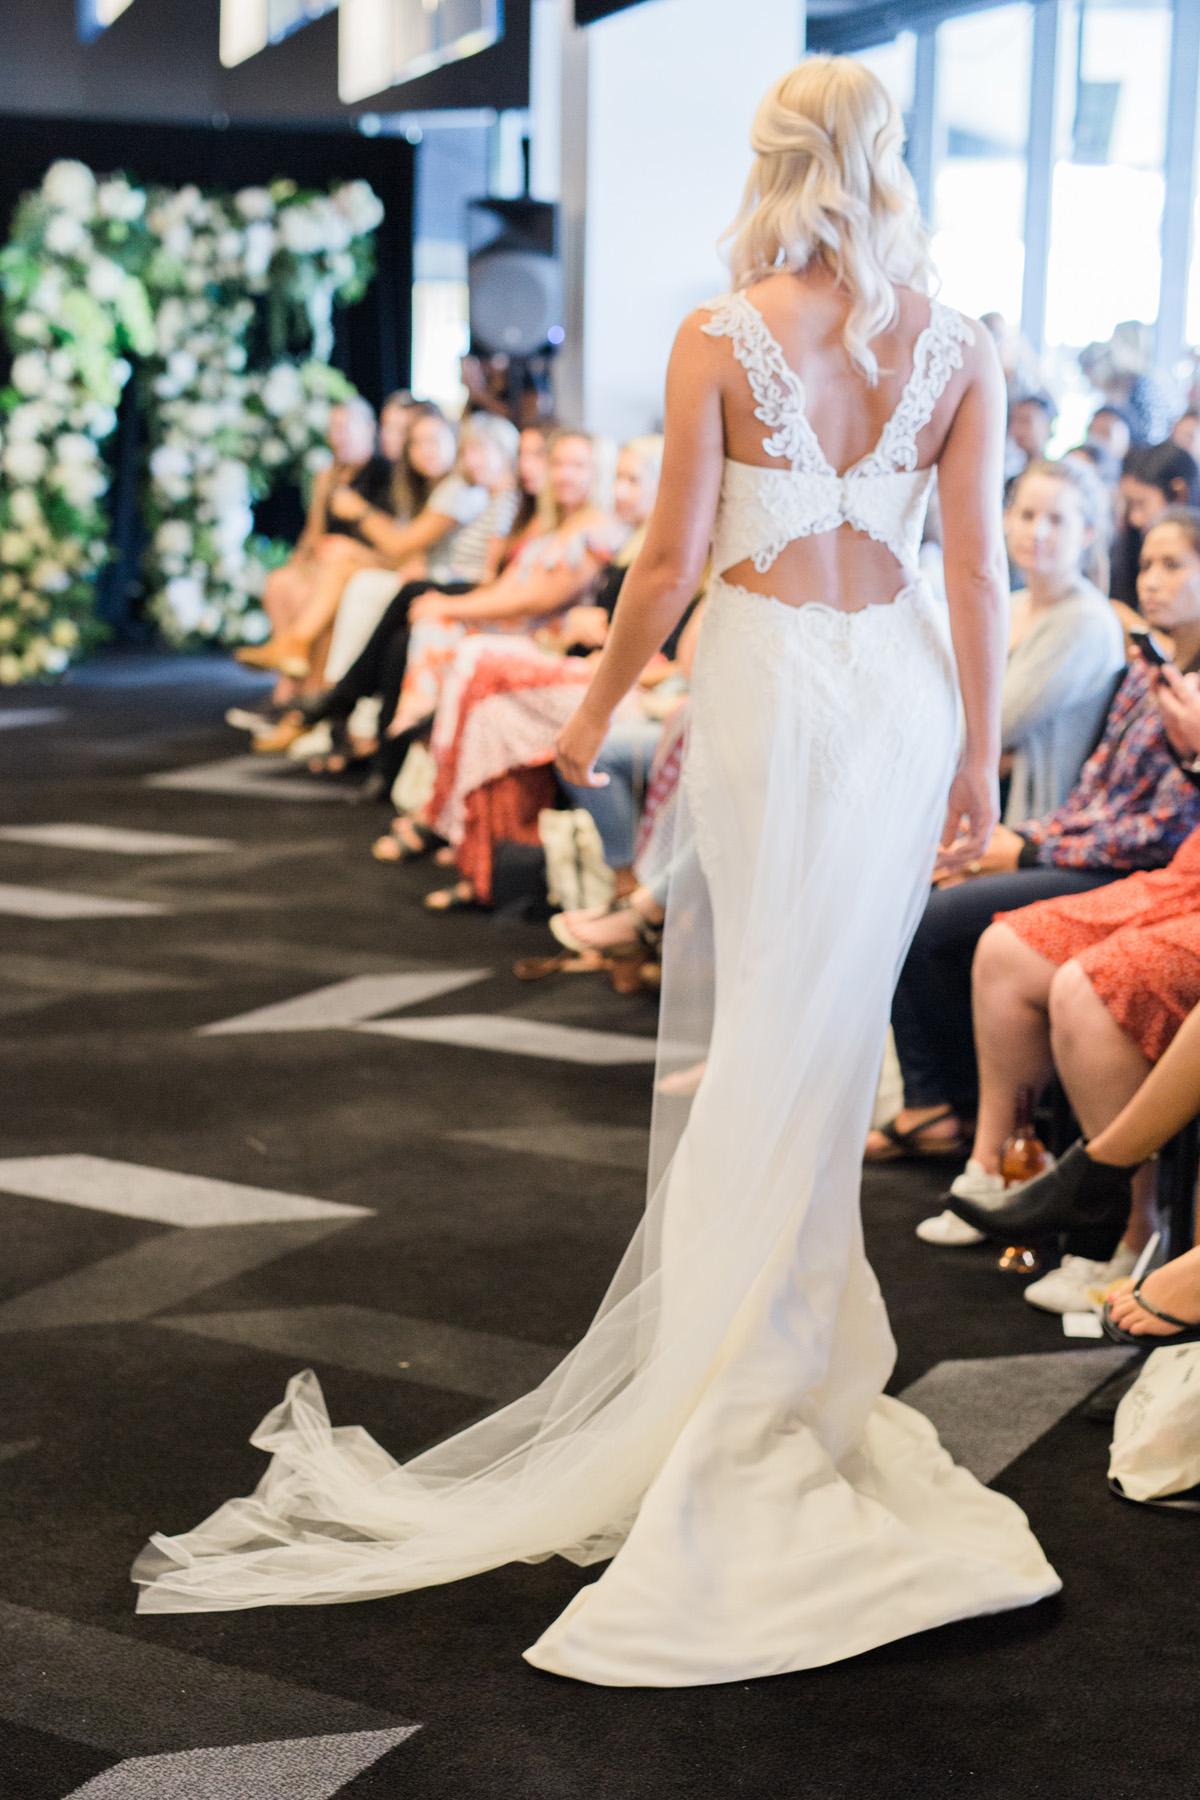 Love-Wedding-Festival-Sydney-Wedding-Gown-Angela-Osagie-37.jpg